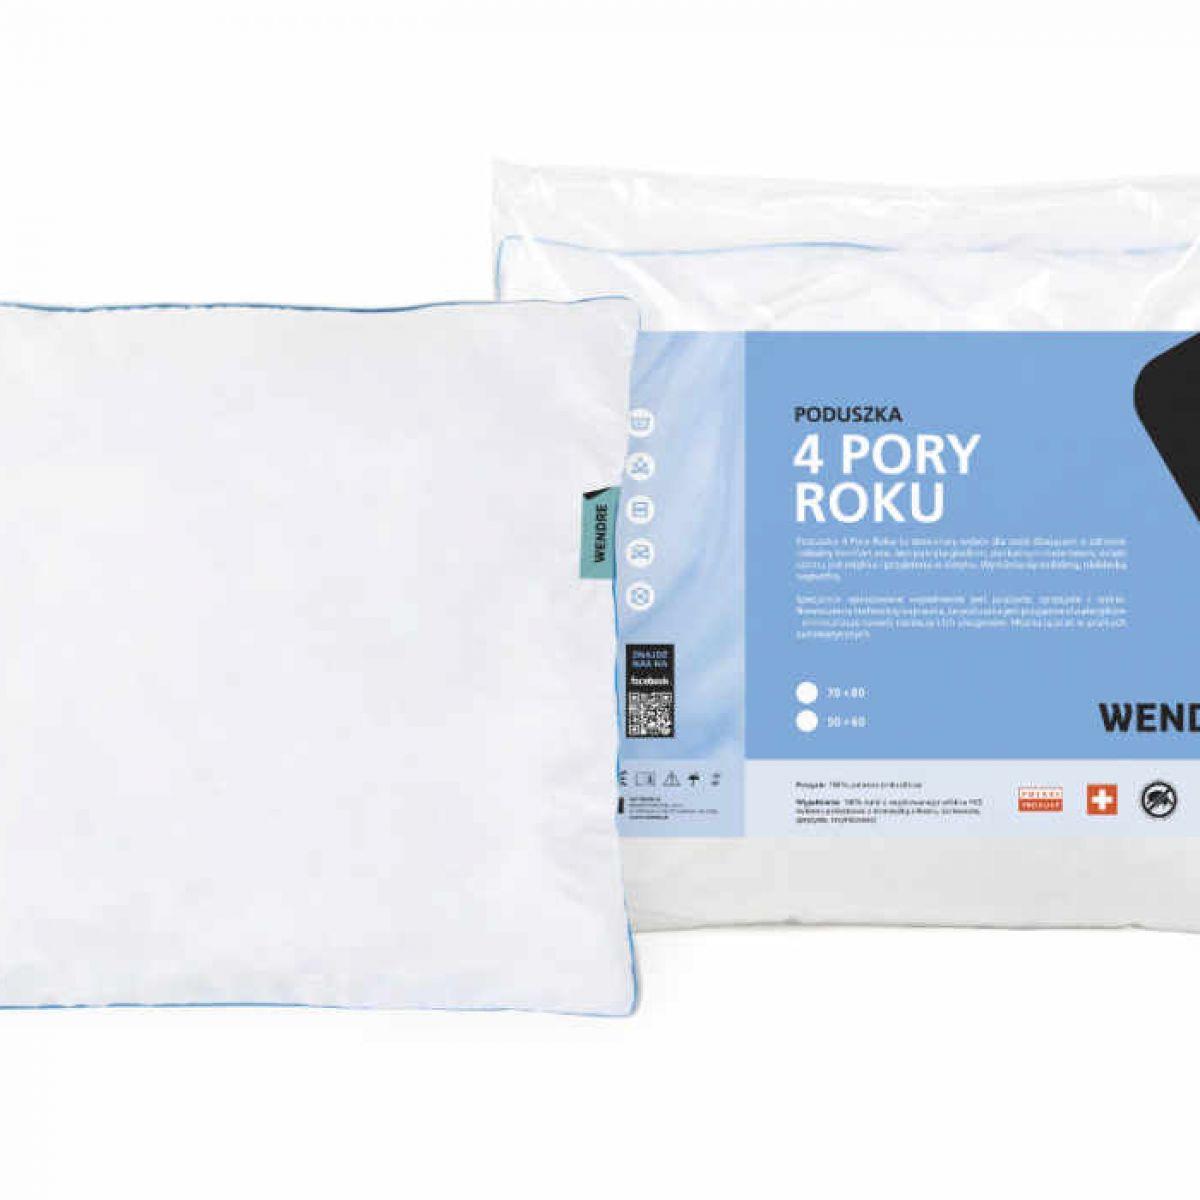 Pillow 4 Pory Roku - Wendre - 40x40 cm